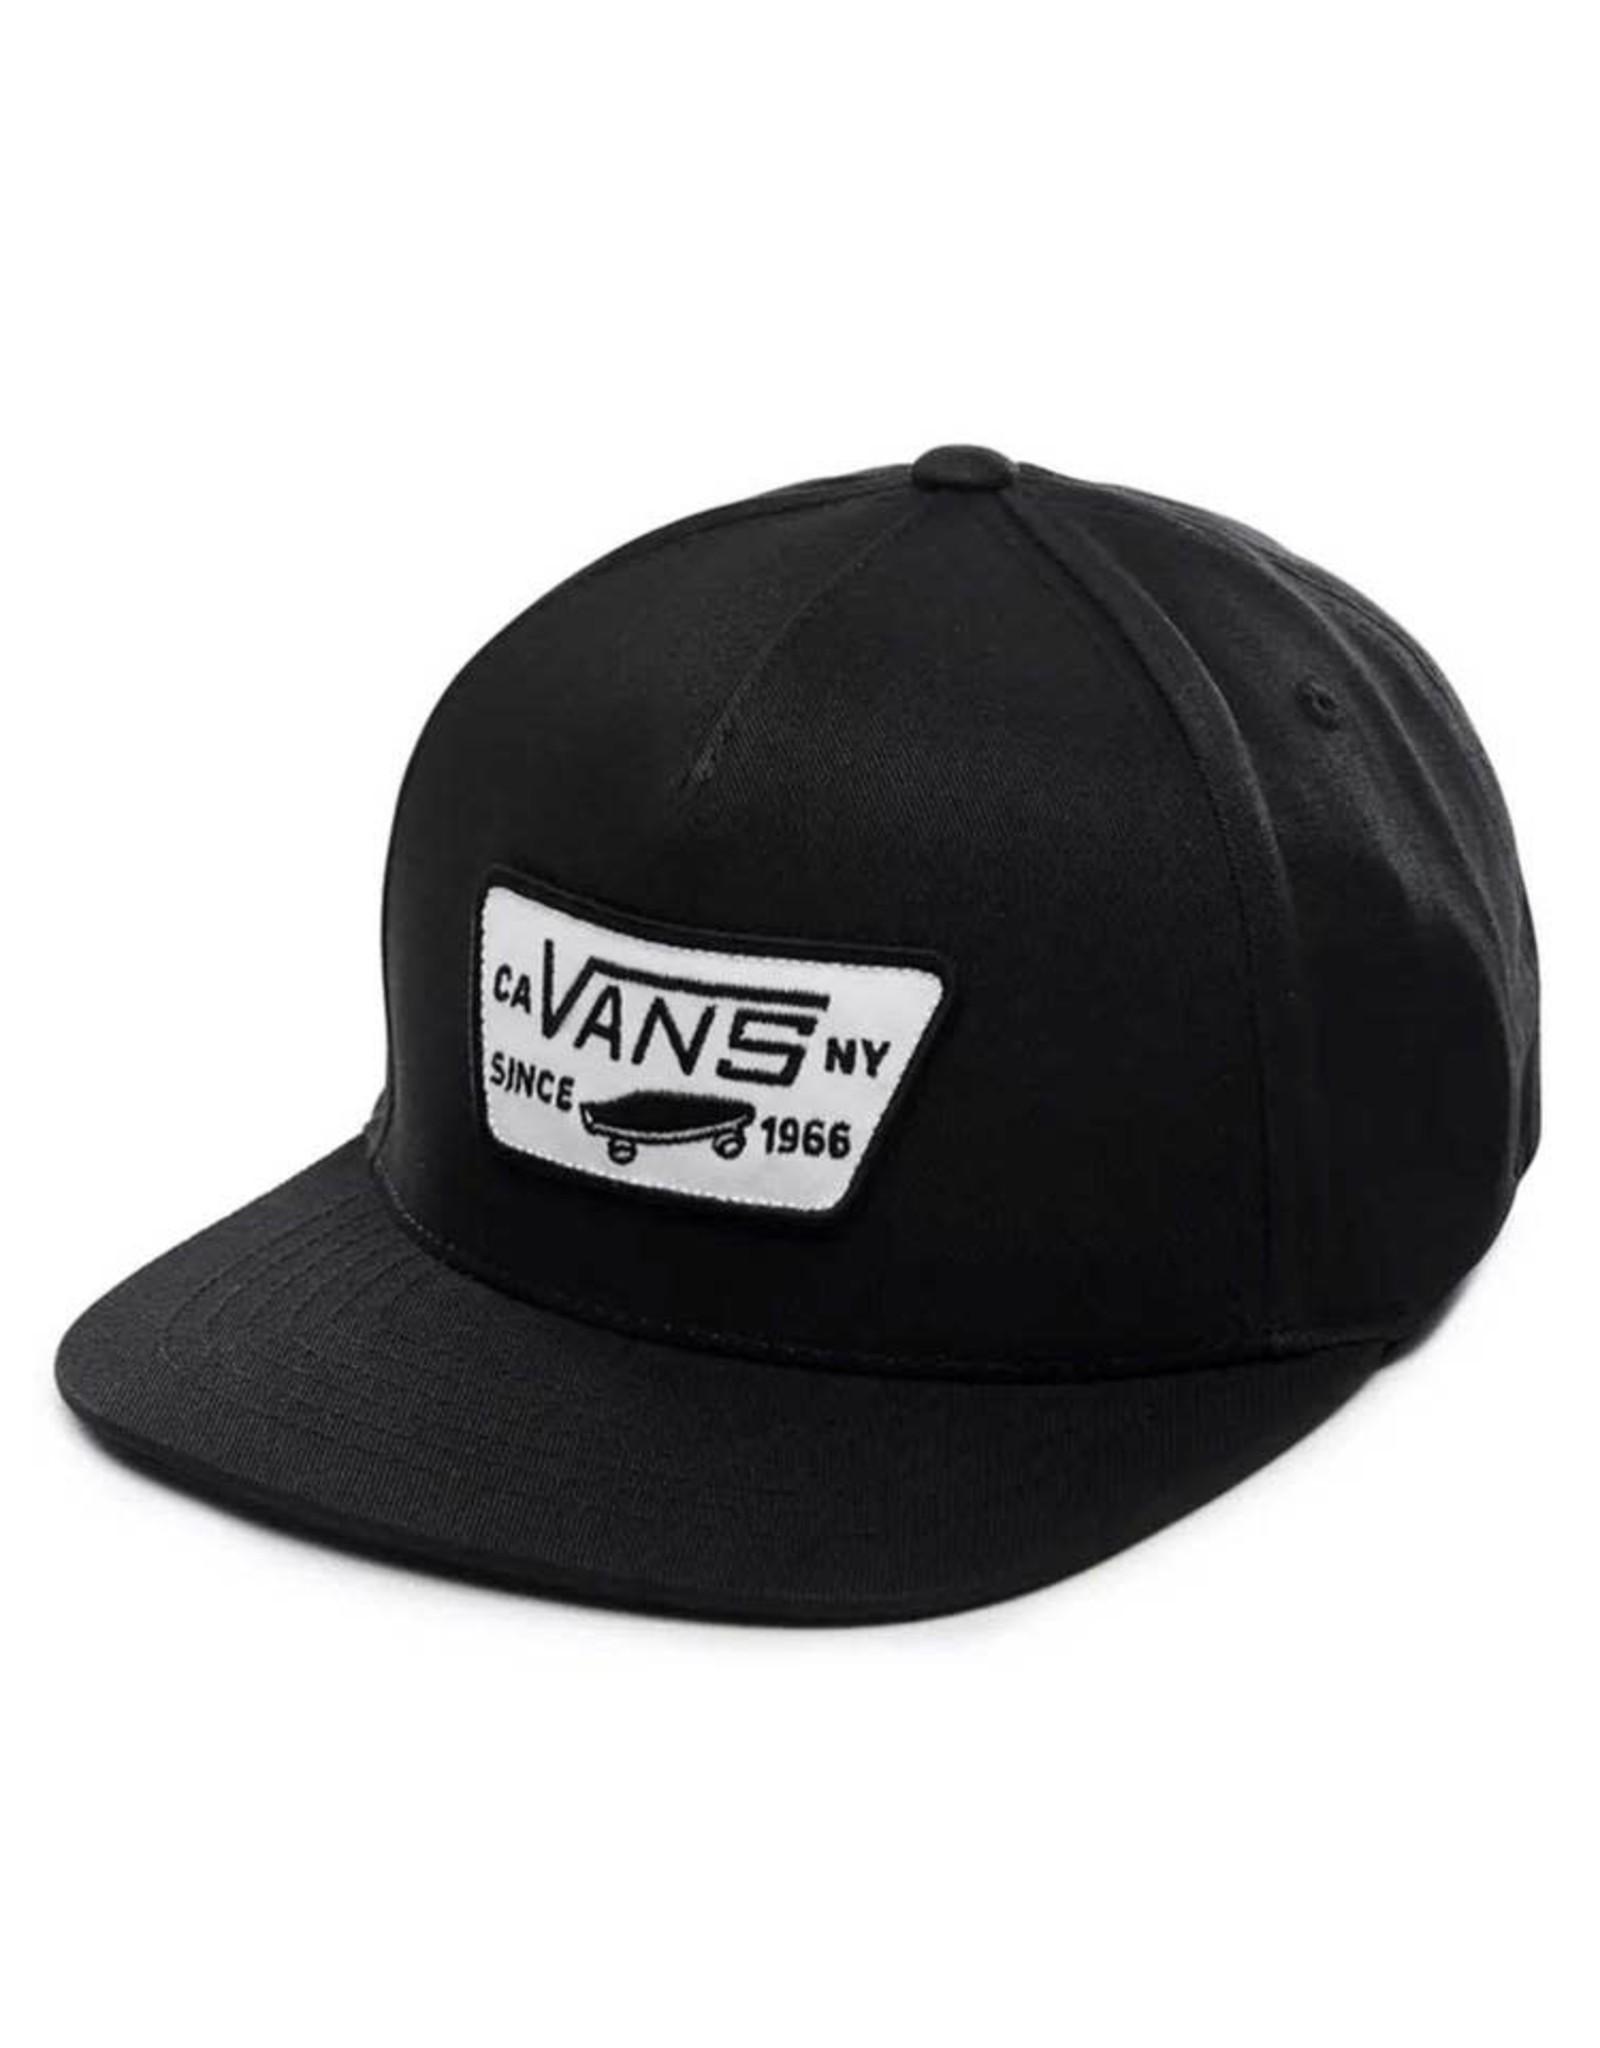 Vans Boys Full Patch Snapback - True Black